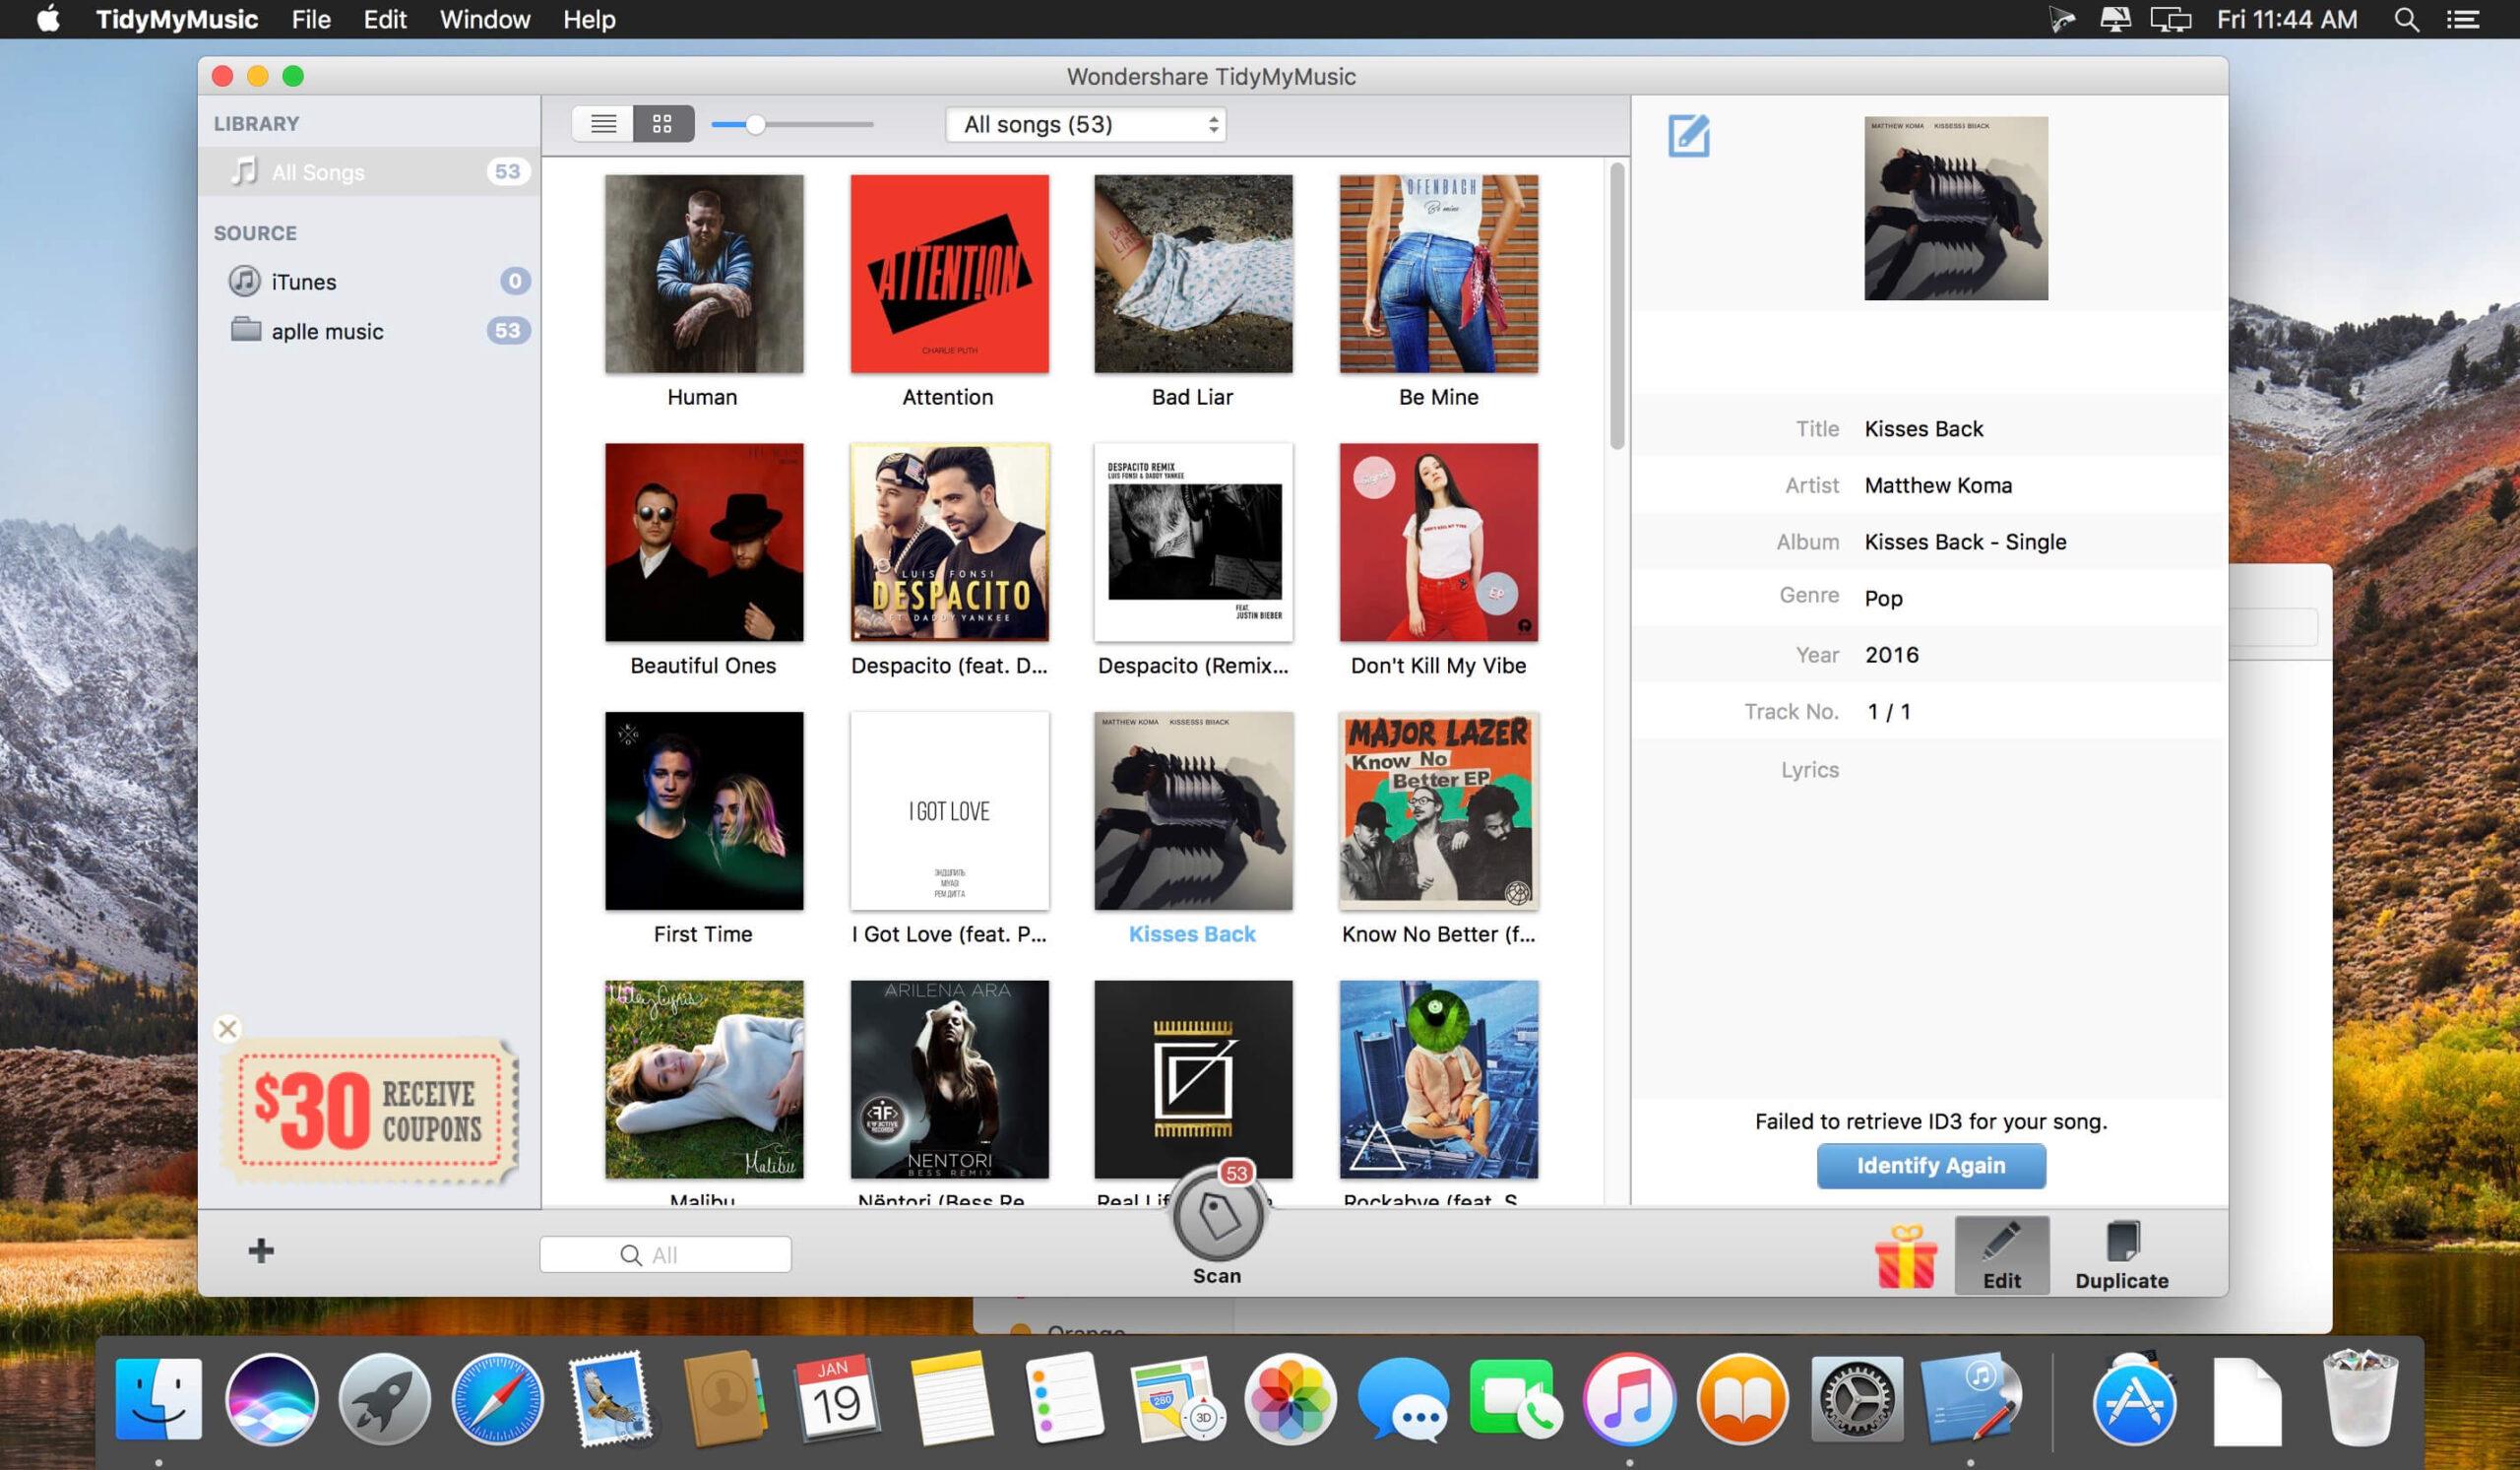 Wondershare-TidyMyMusic-3.0.2.1-for-Mac-Freee